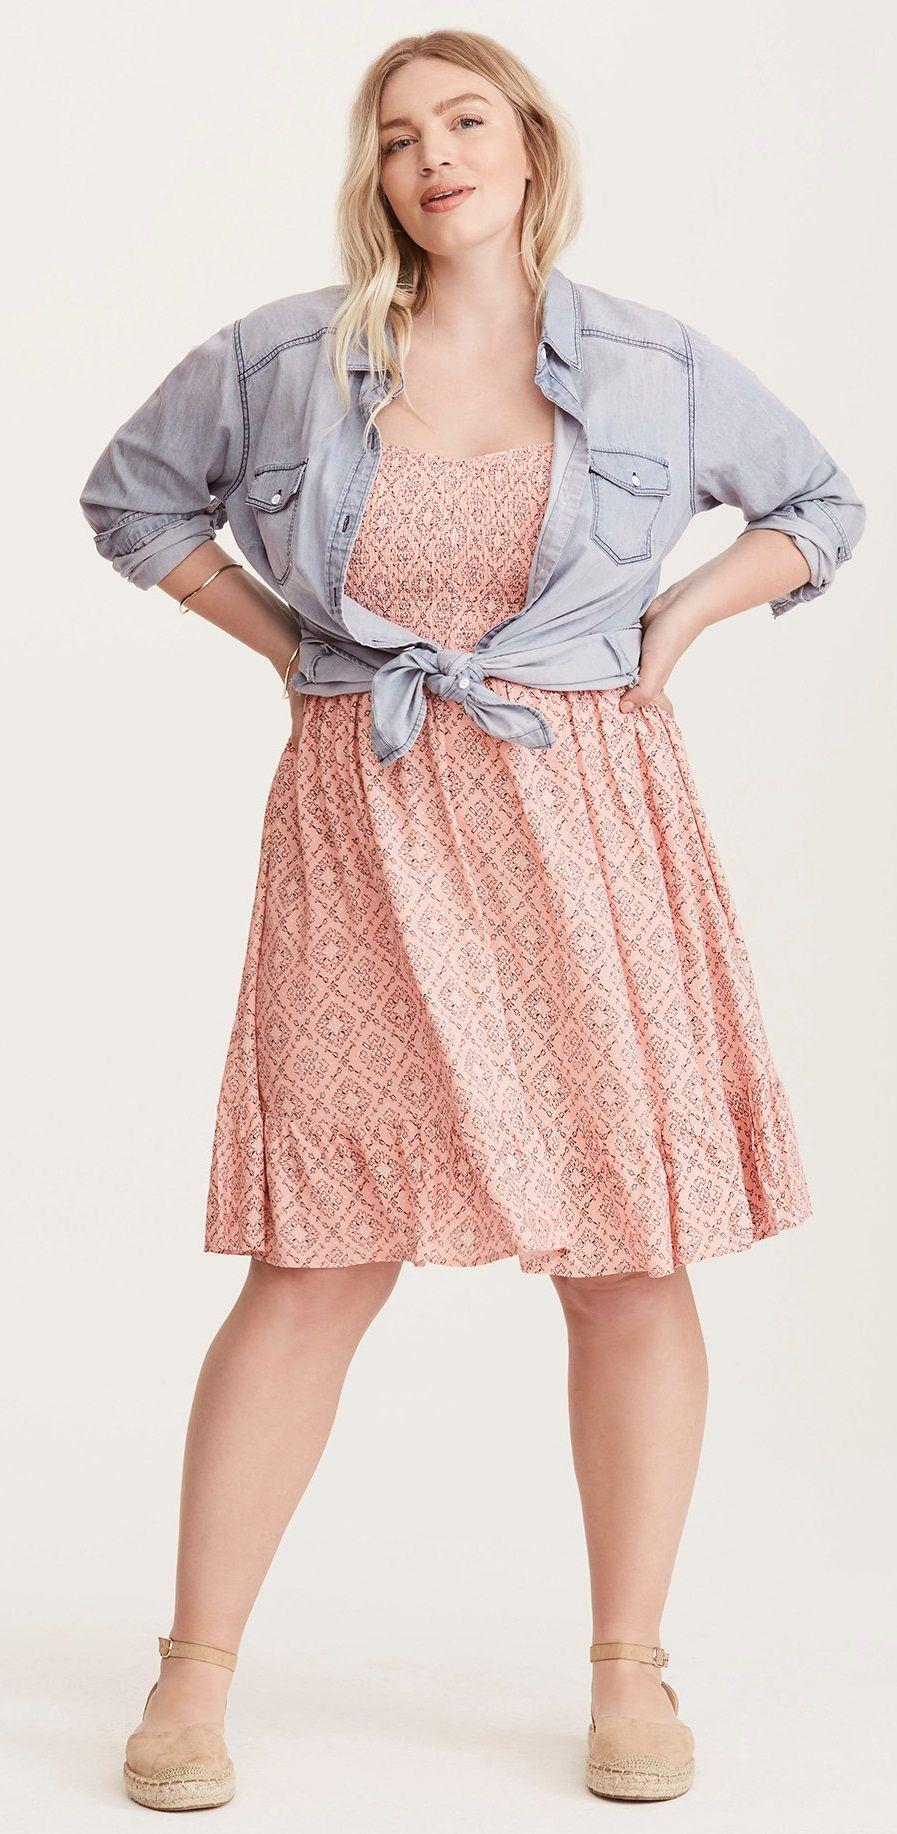 Plus Size Challis Dress   ropa q yo me pondria para gorditas ...